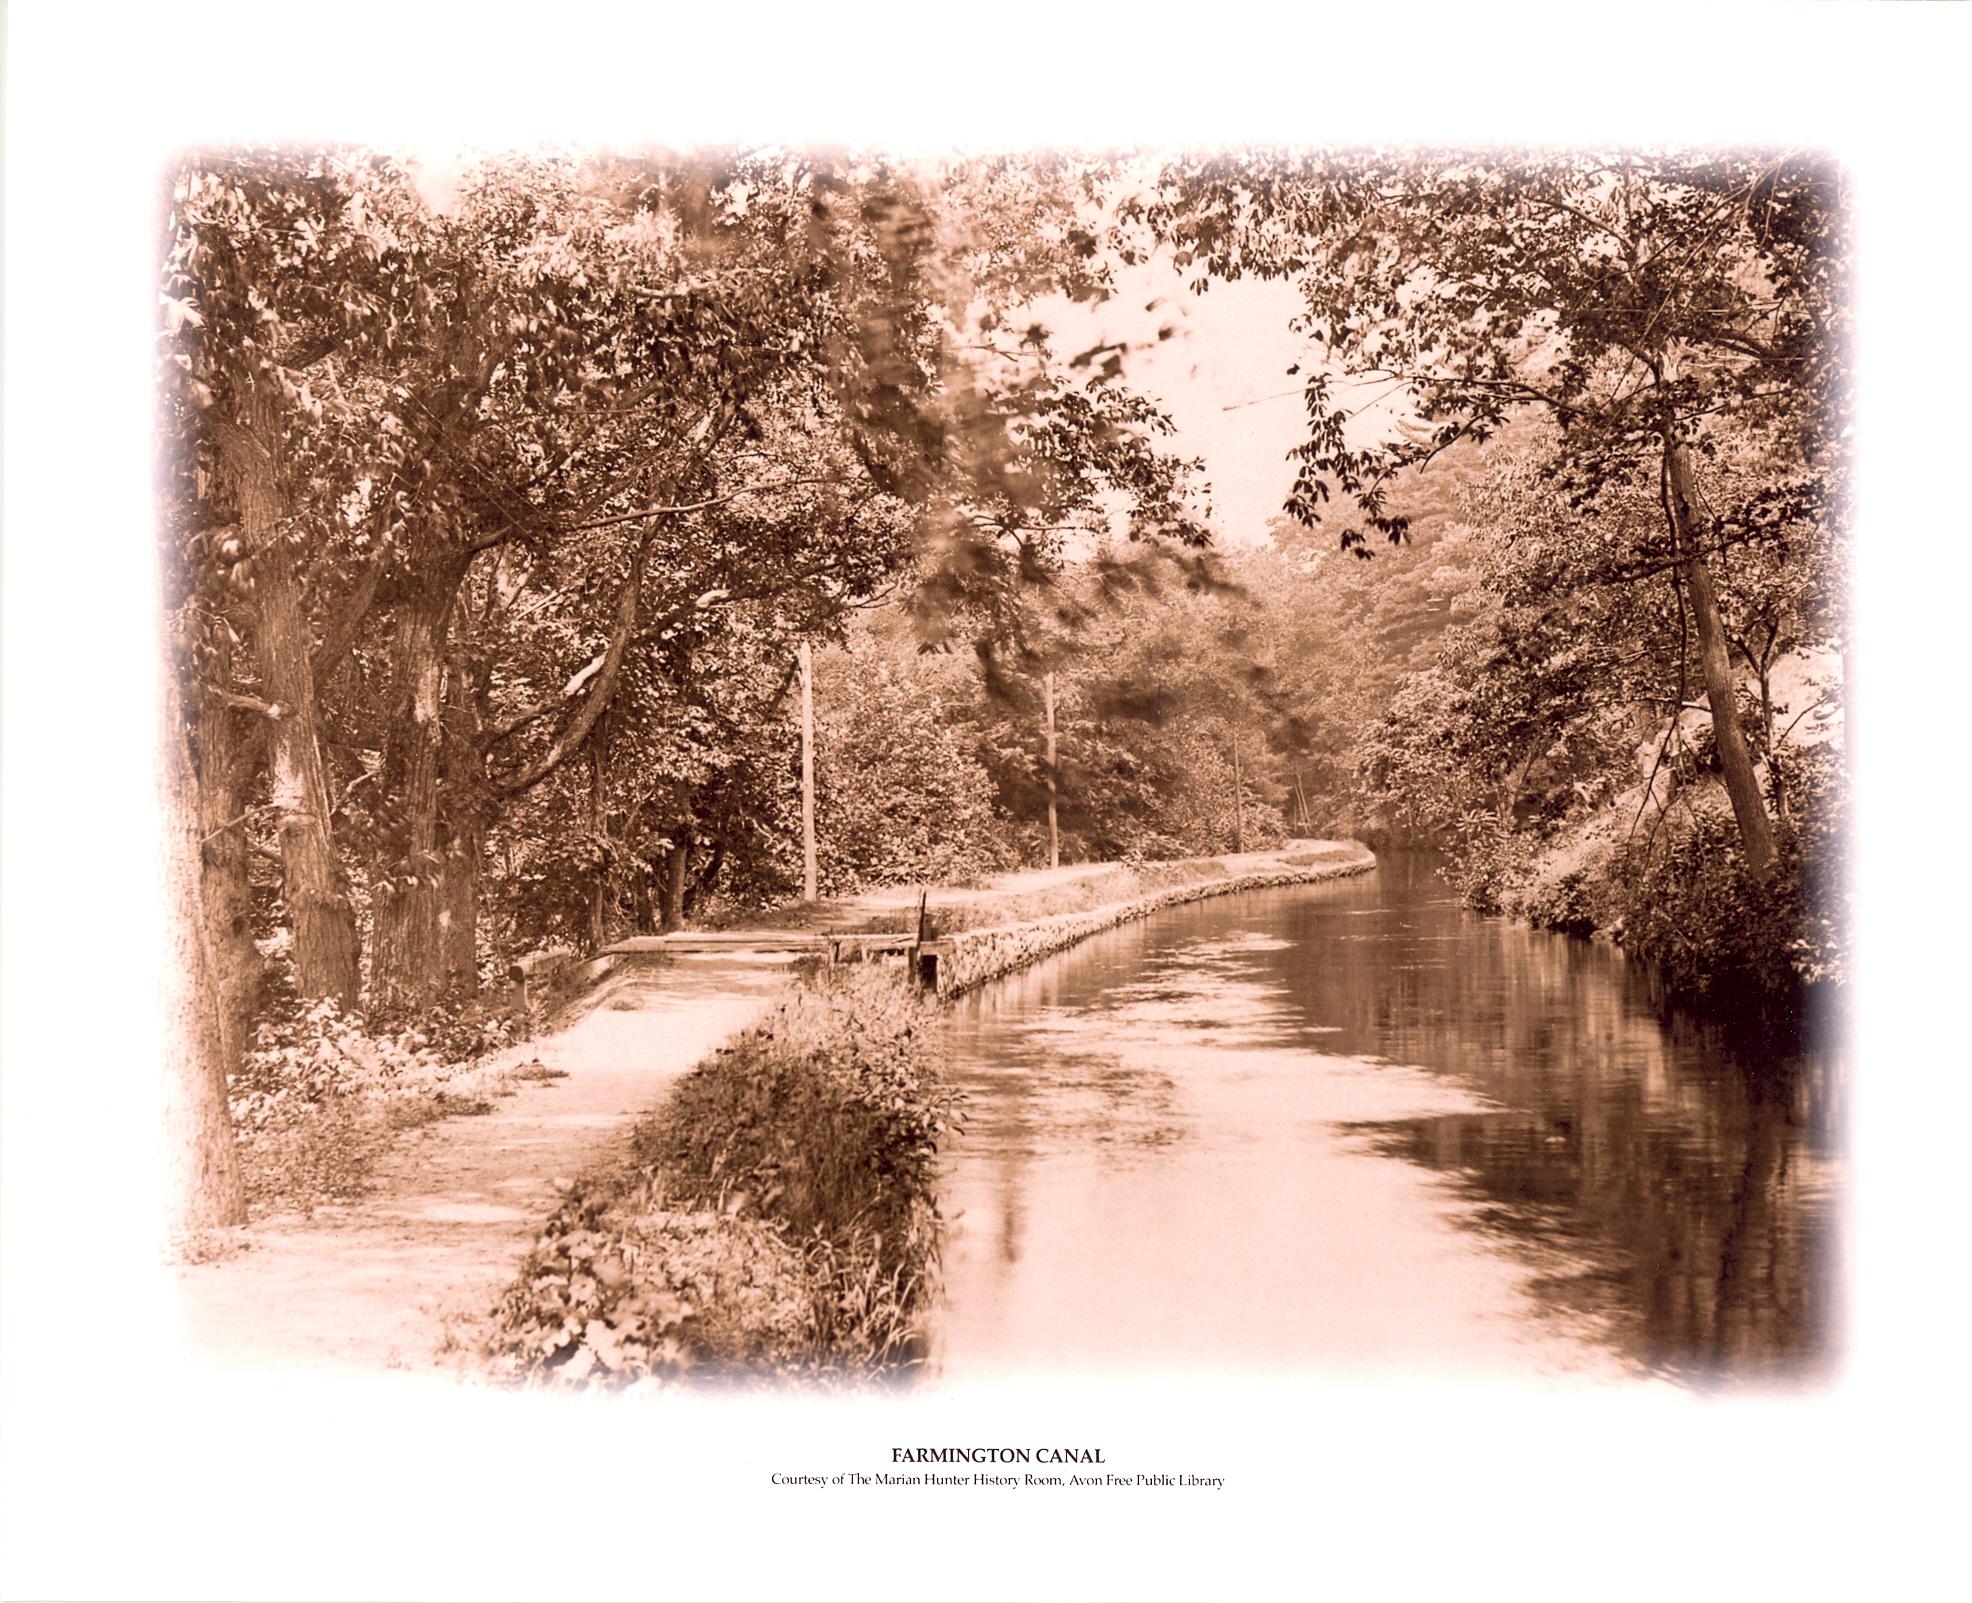 Farmington Canal